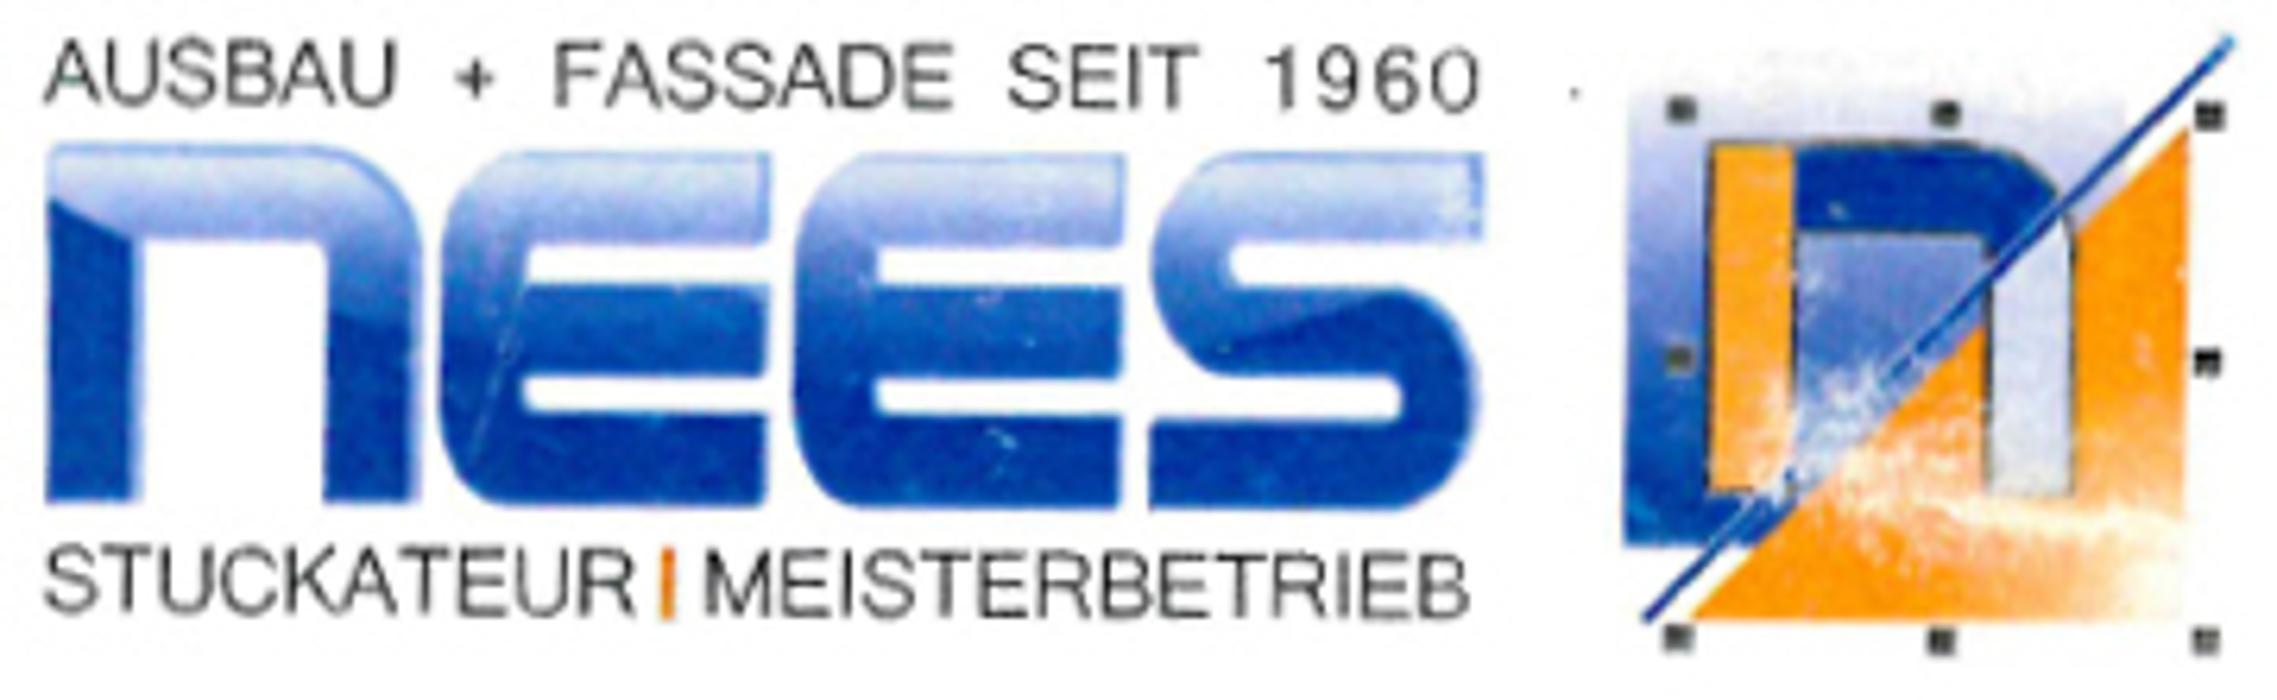 Bild zu Nees Stuckateurbetrieb in Eggenstein Leopoldshafen